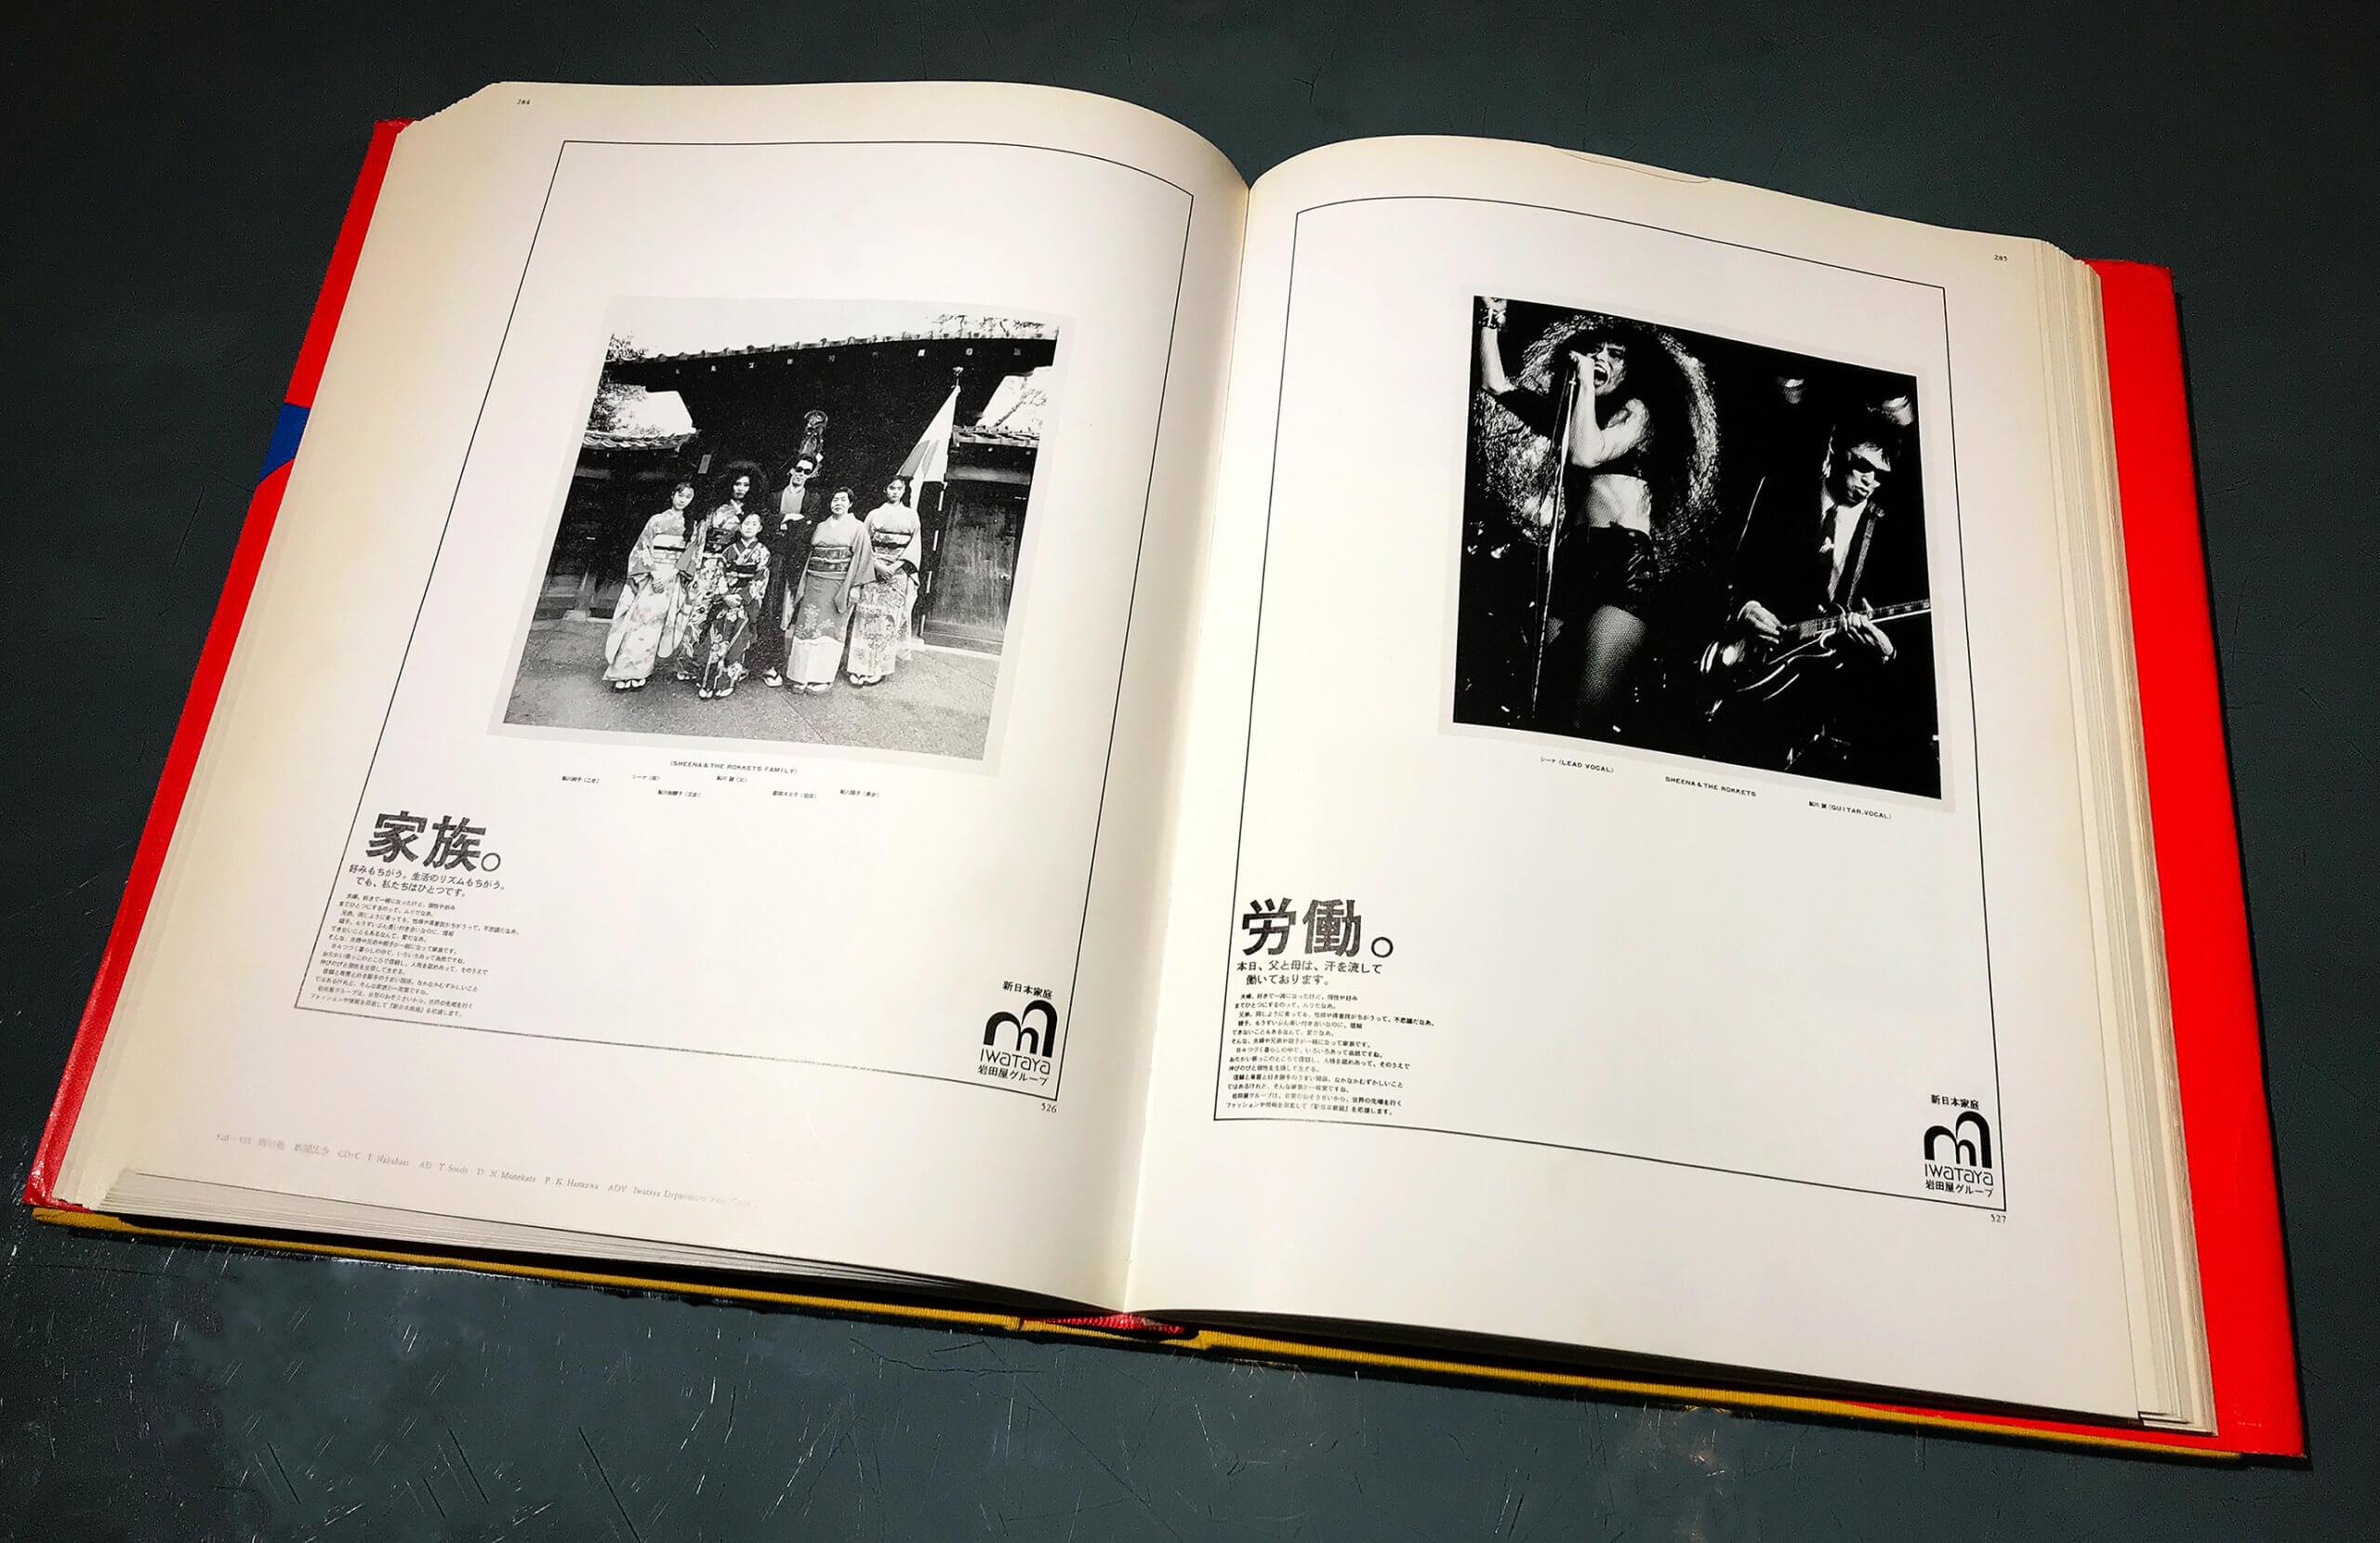 出典:仲畑広告制作所「仲畑広告大仕事」,講談社,1993年2月,284,285ページ